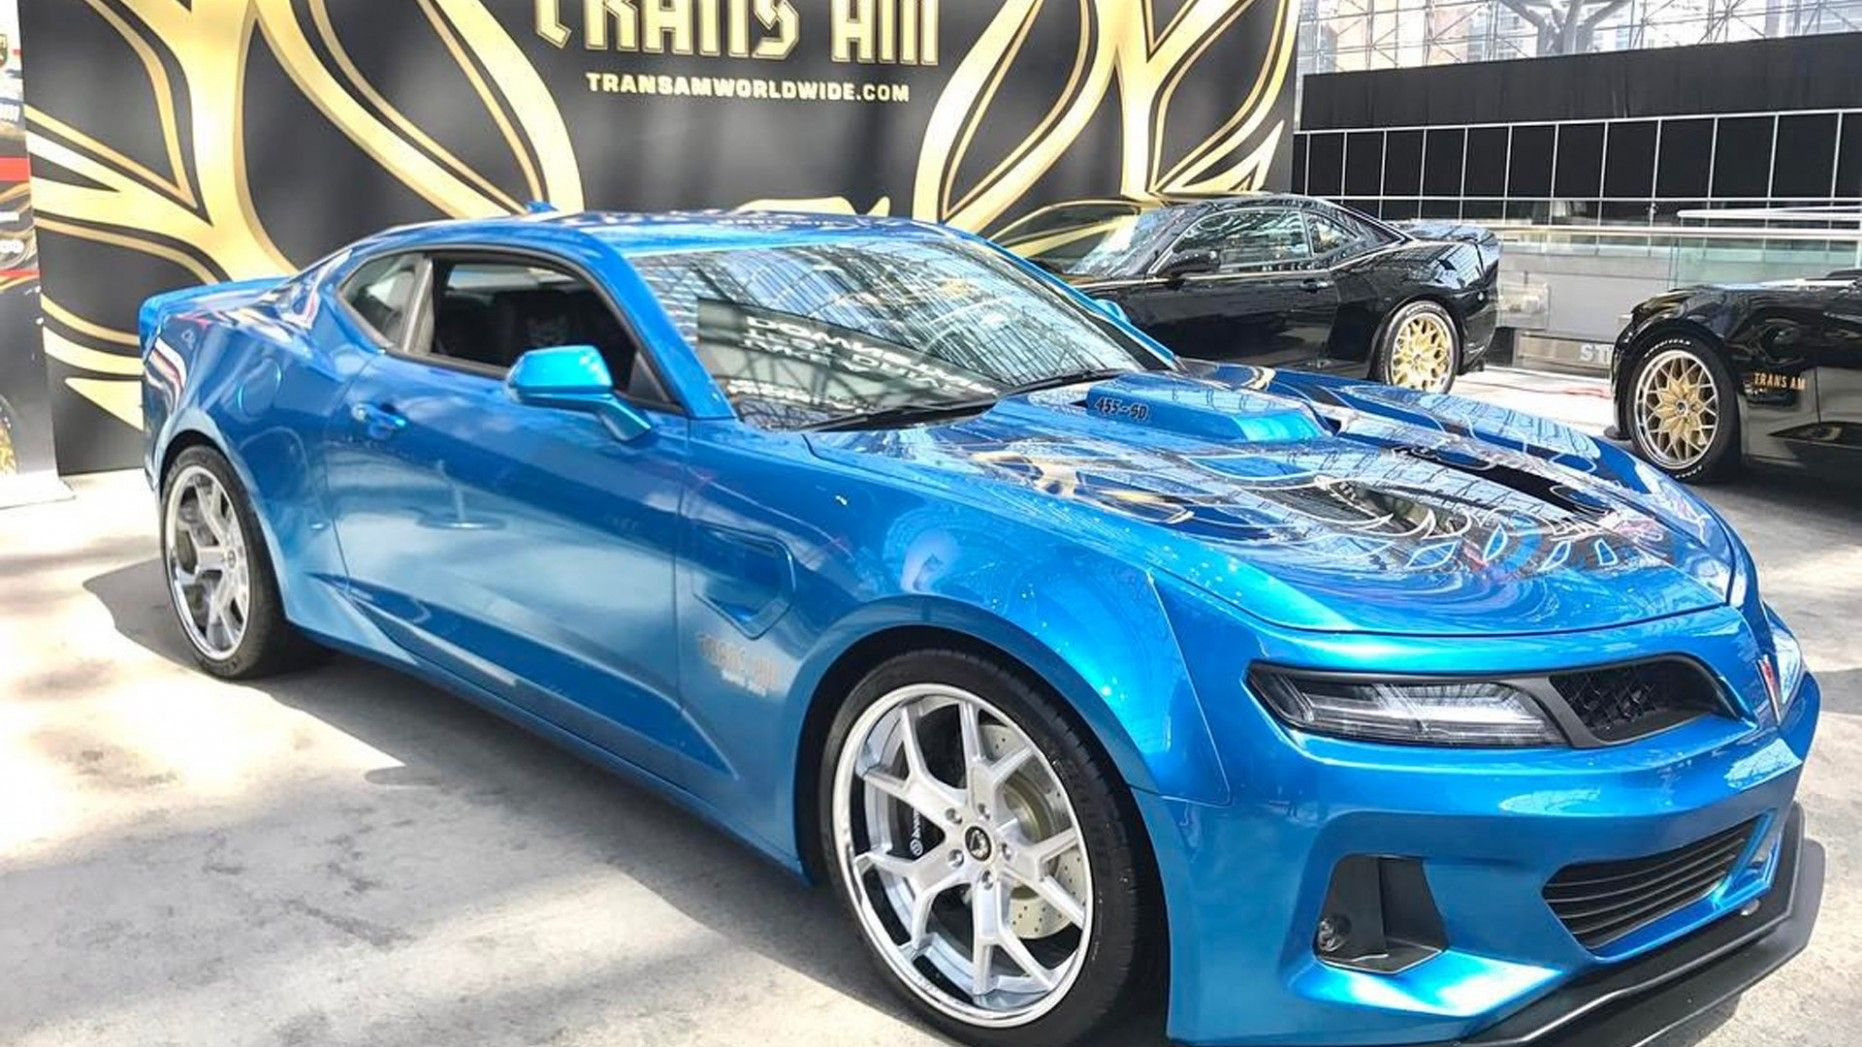 2021 Pontiac Trans Redesign and Concept